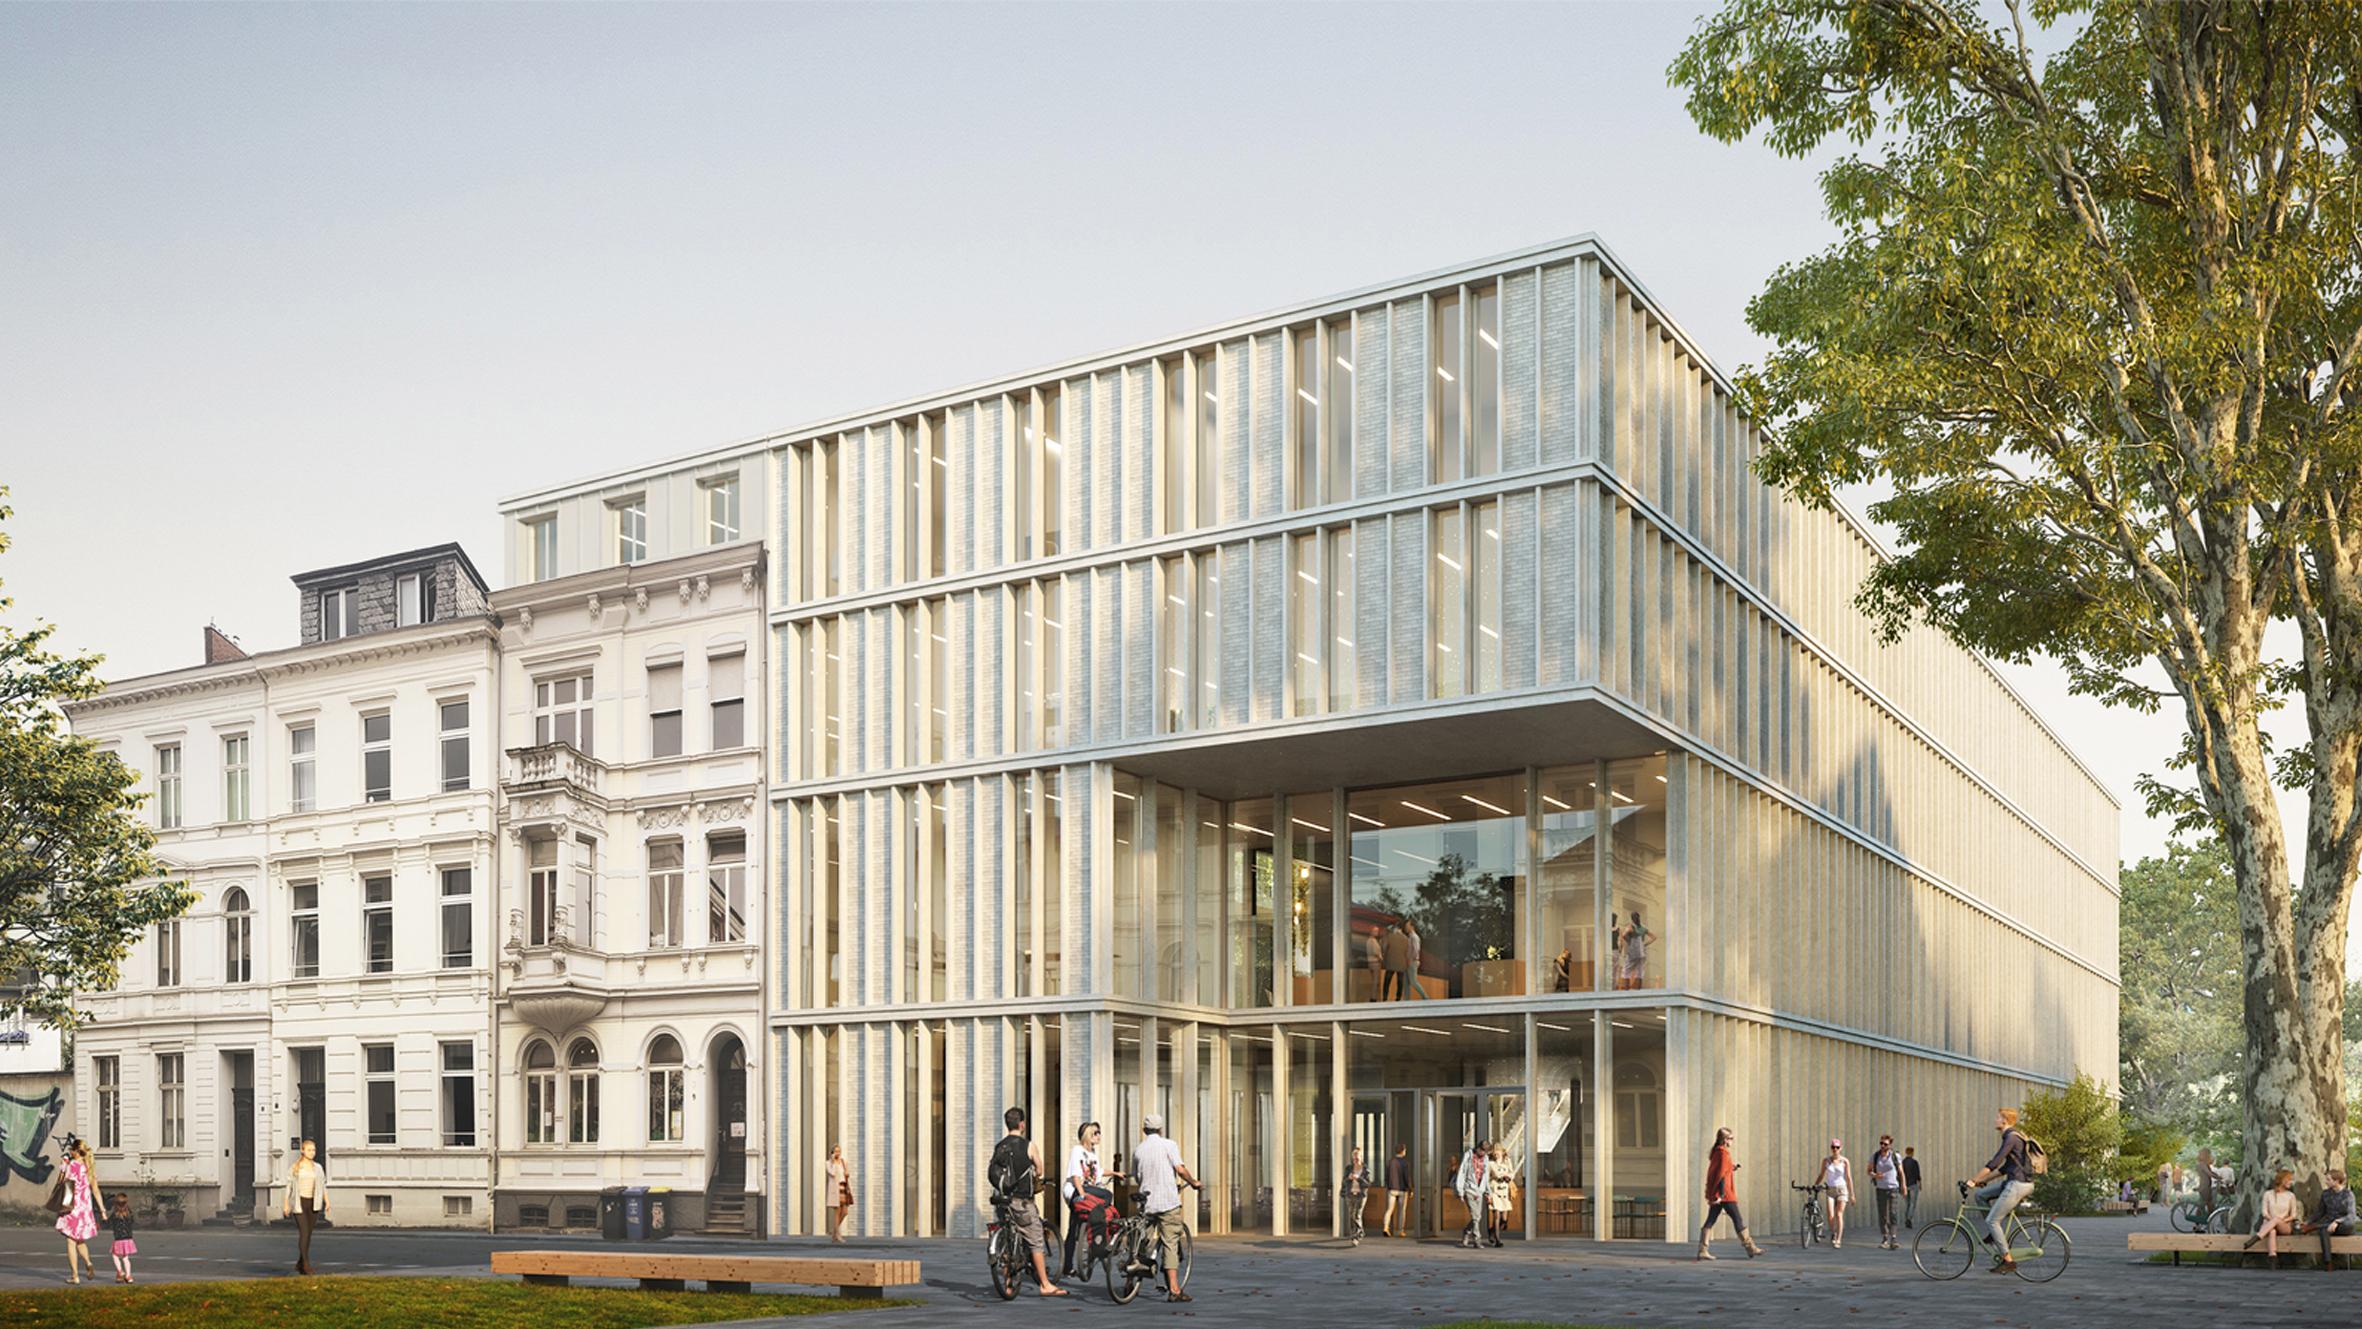 Architekt Bonn Wettbewerb Carré Nassestraße - Koenigs Rütter Architekten Bonn